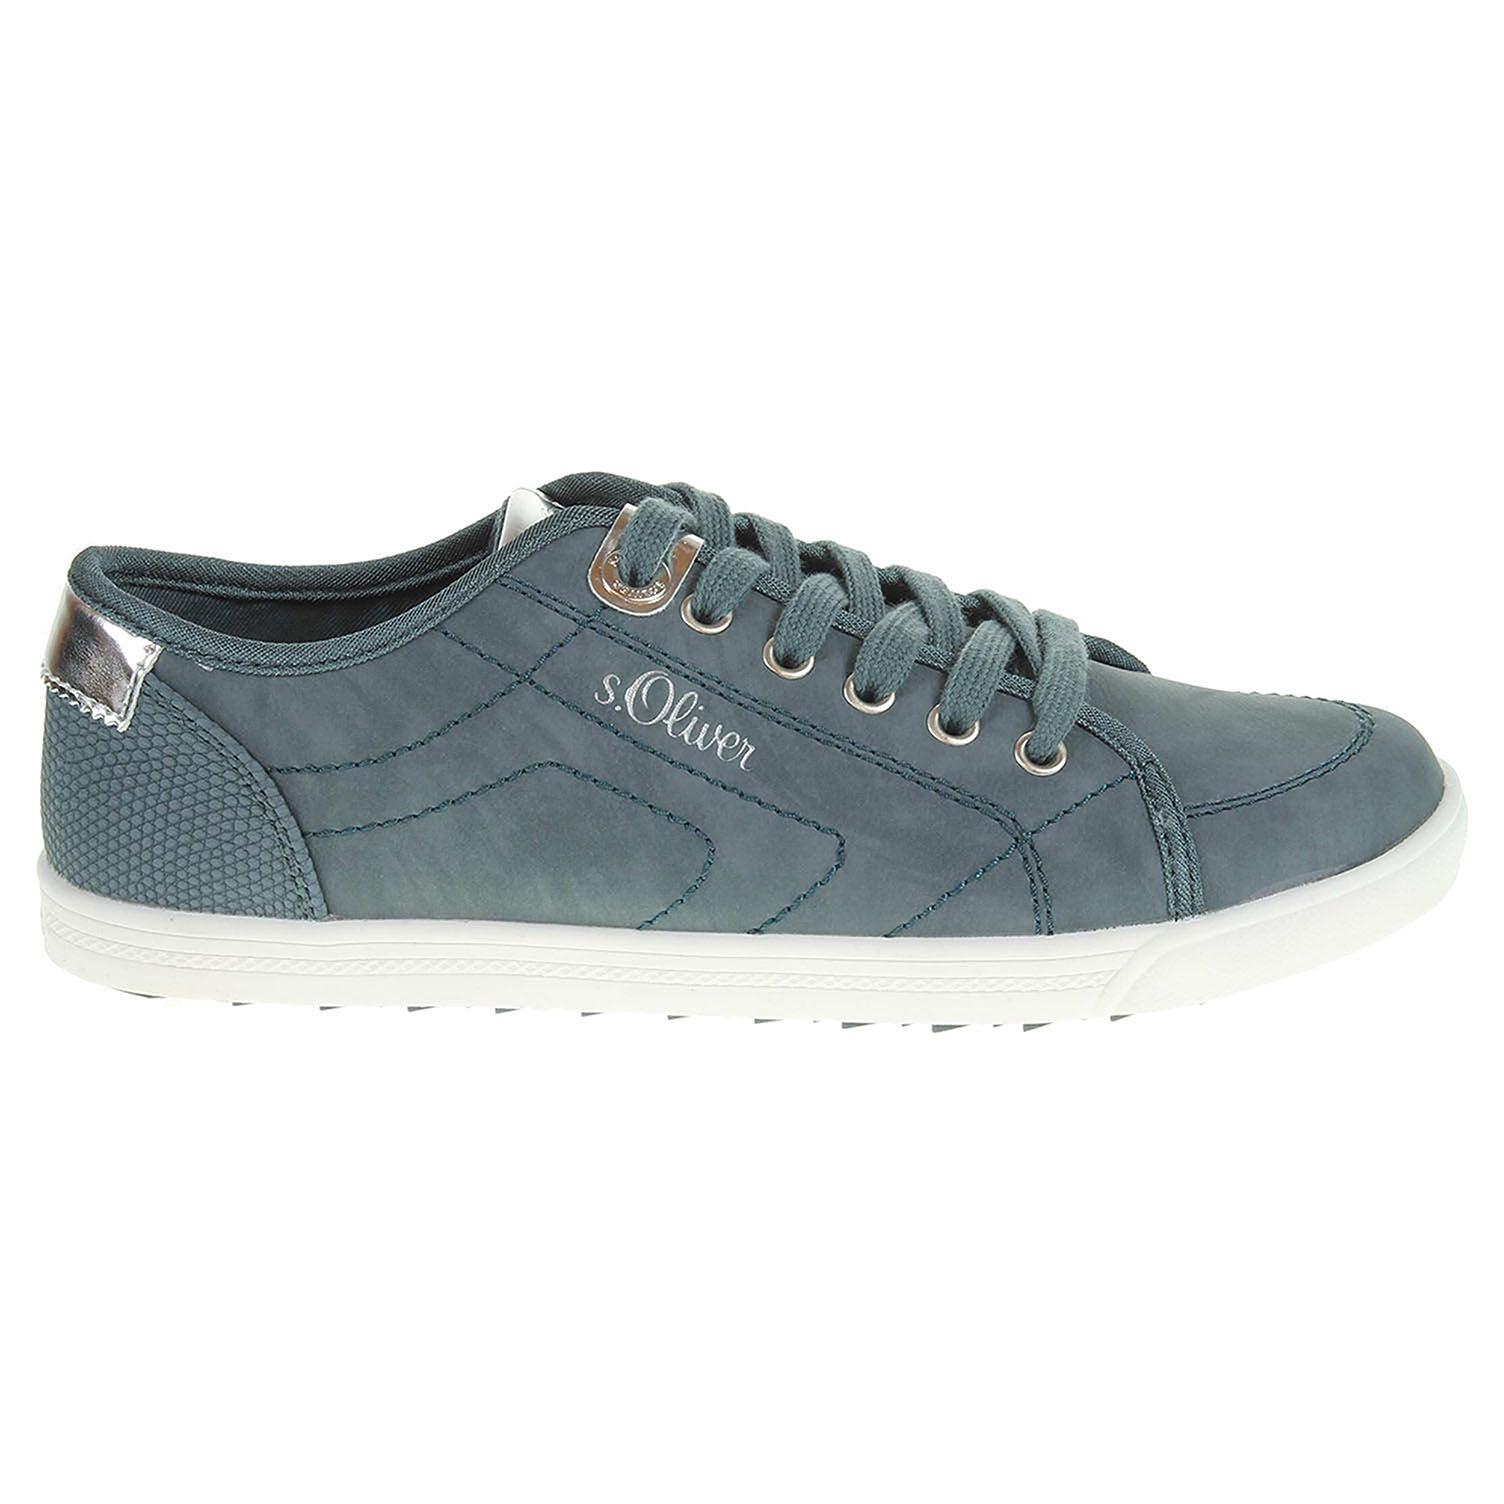 47a3c0c1c3c s.Oliver dámská obuv 5-23631-28 modrá